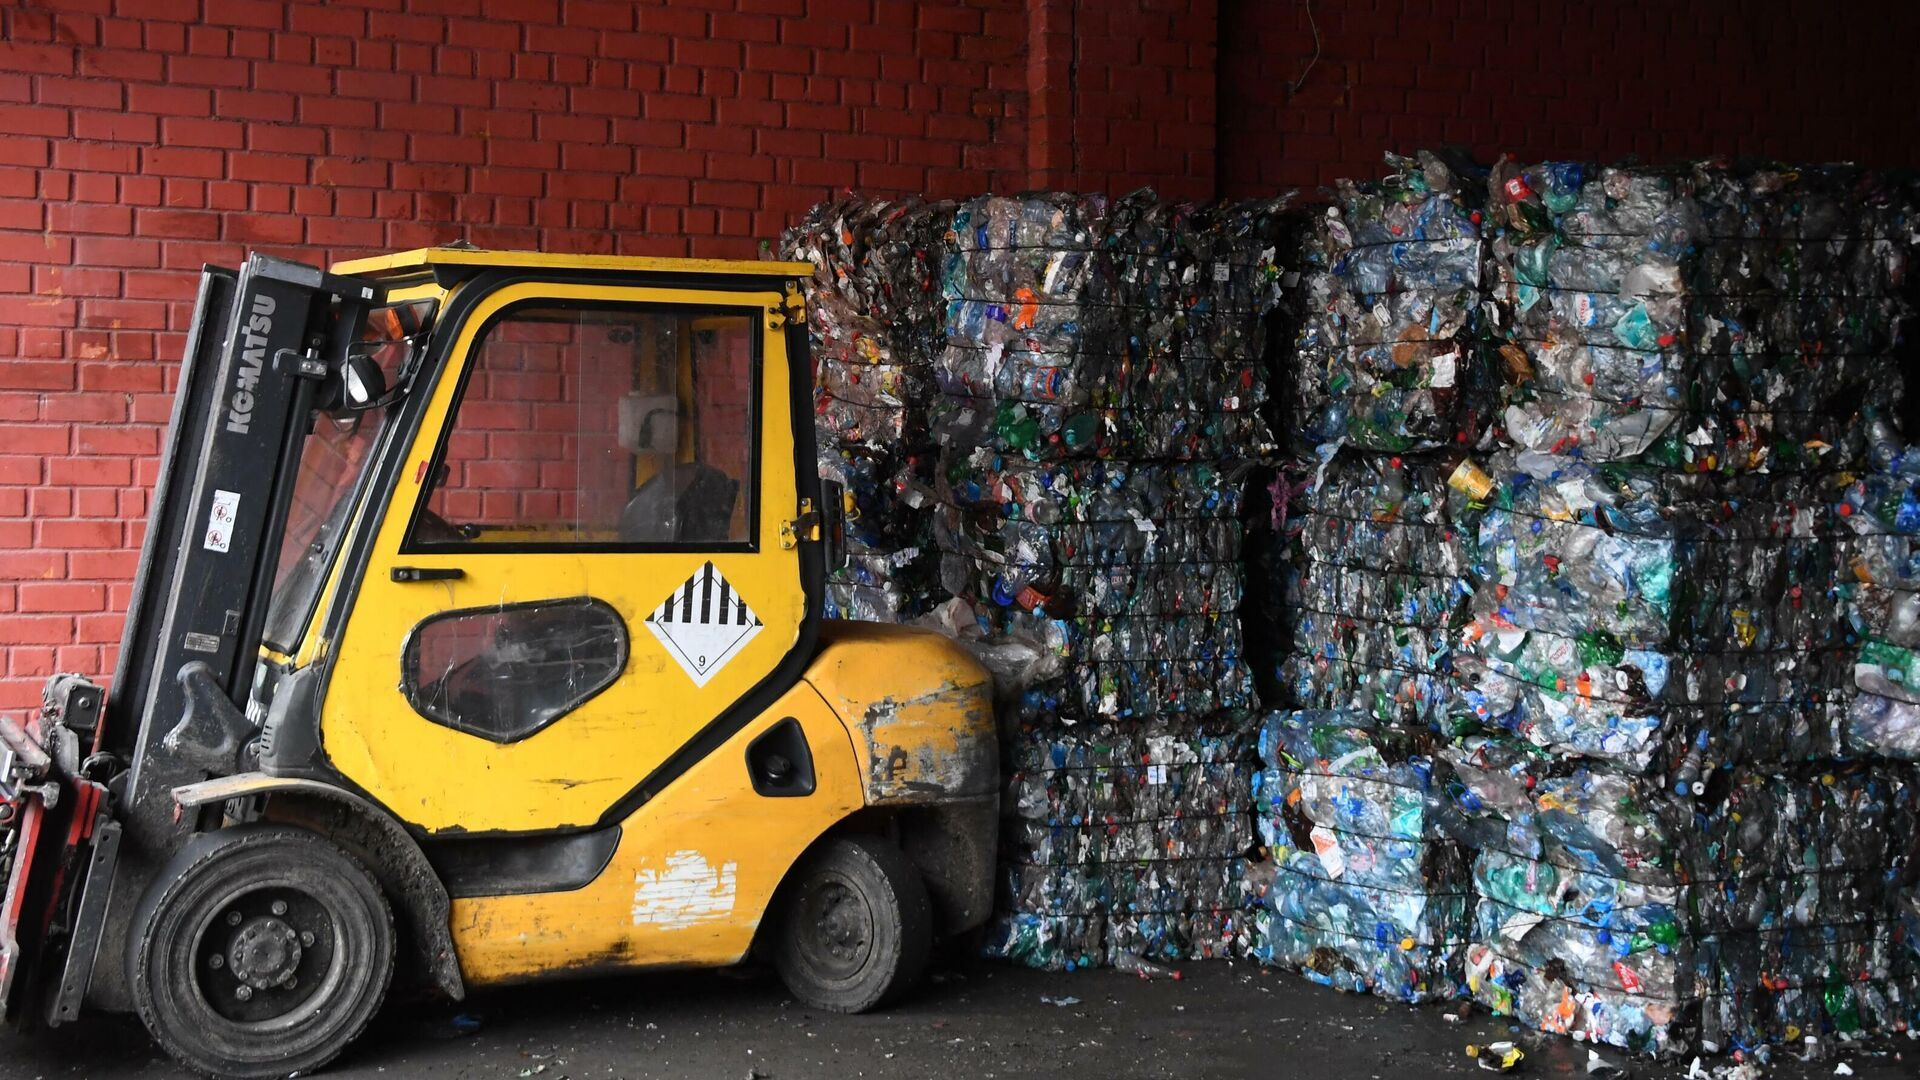 Вторсырье – это не мусор. Как из отходов рождаются новые вещи - РИА Новости, 1920, 27.05.2020